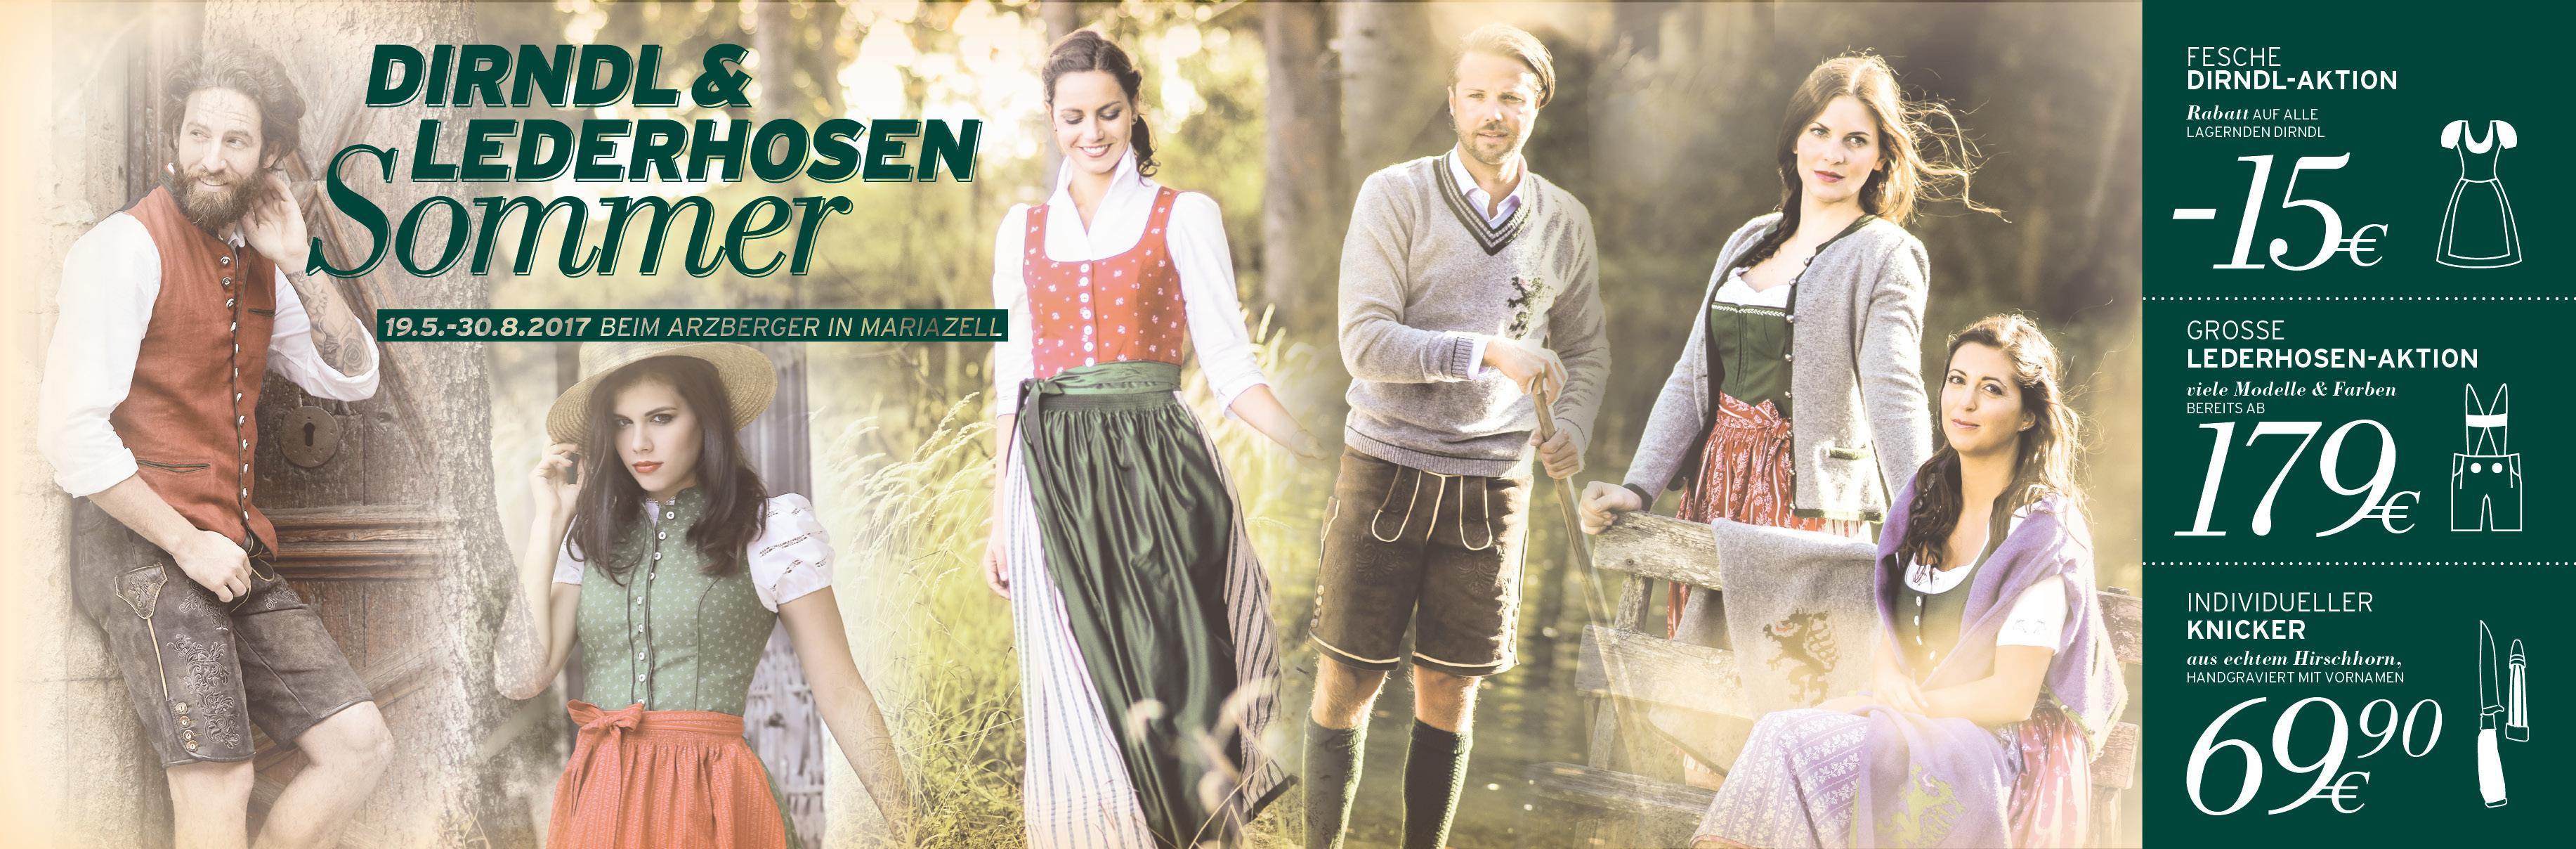 Dirndl & Lederhosen Sommer